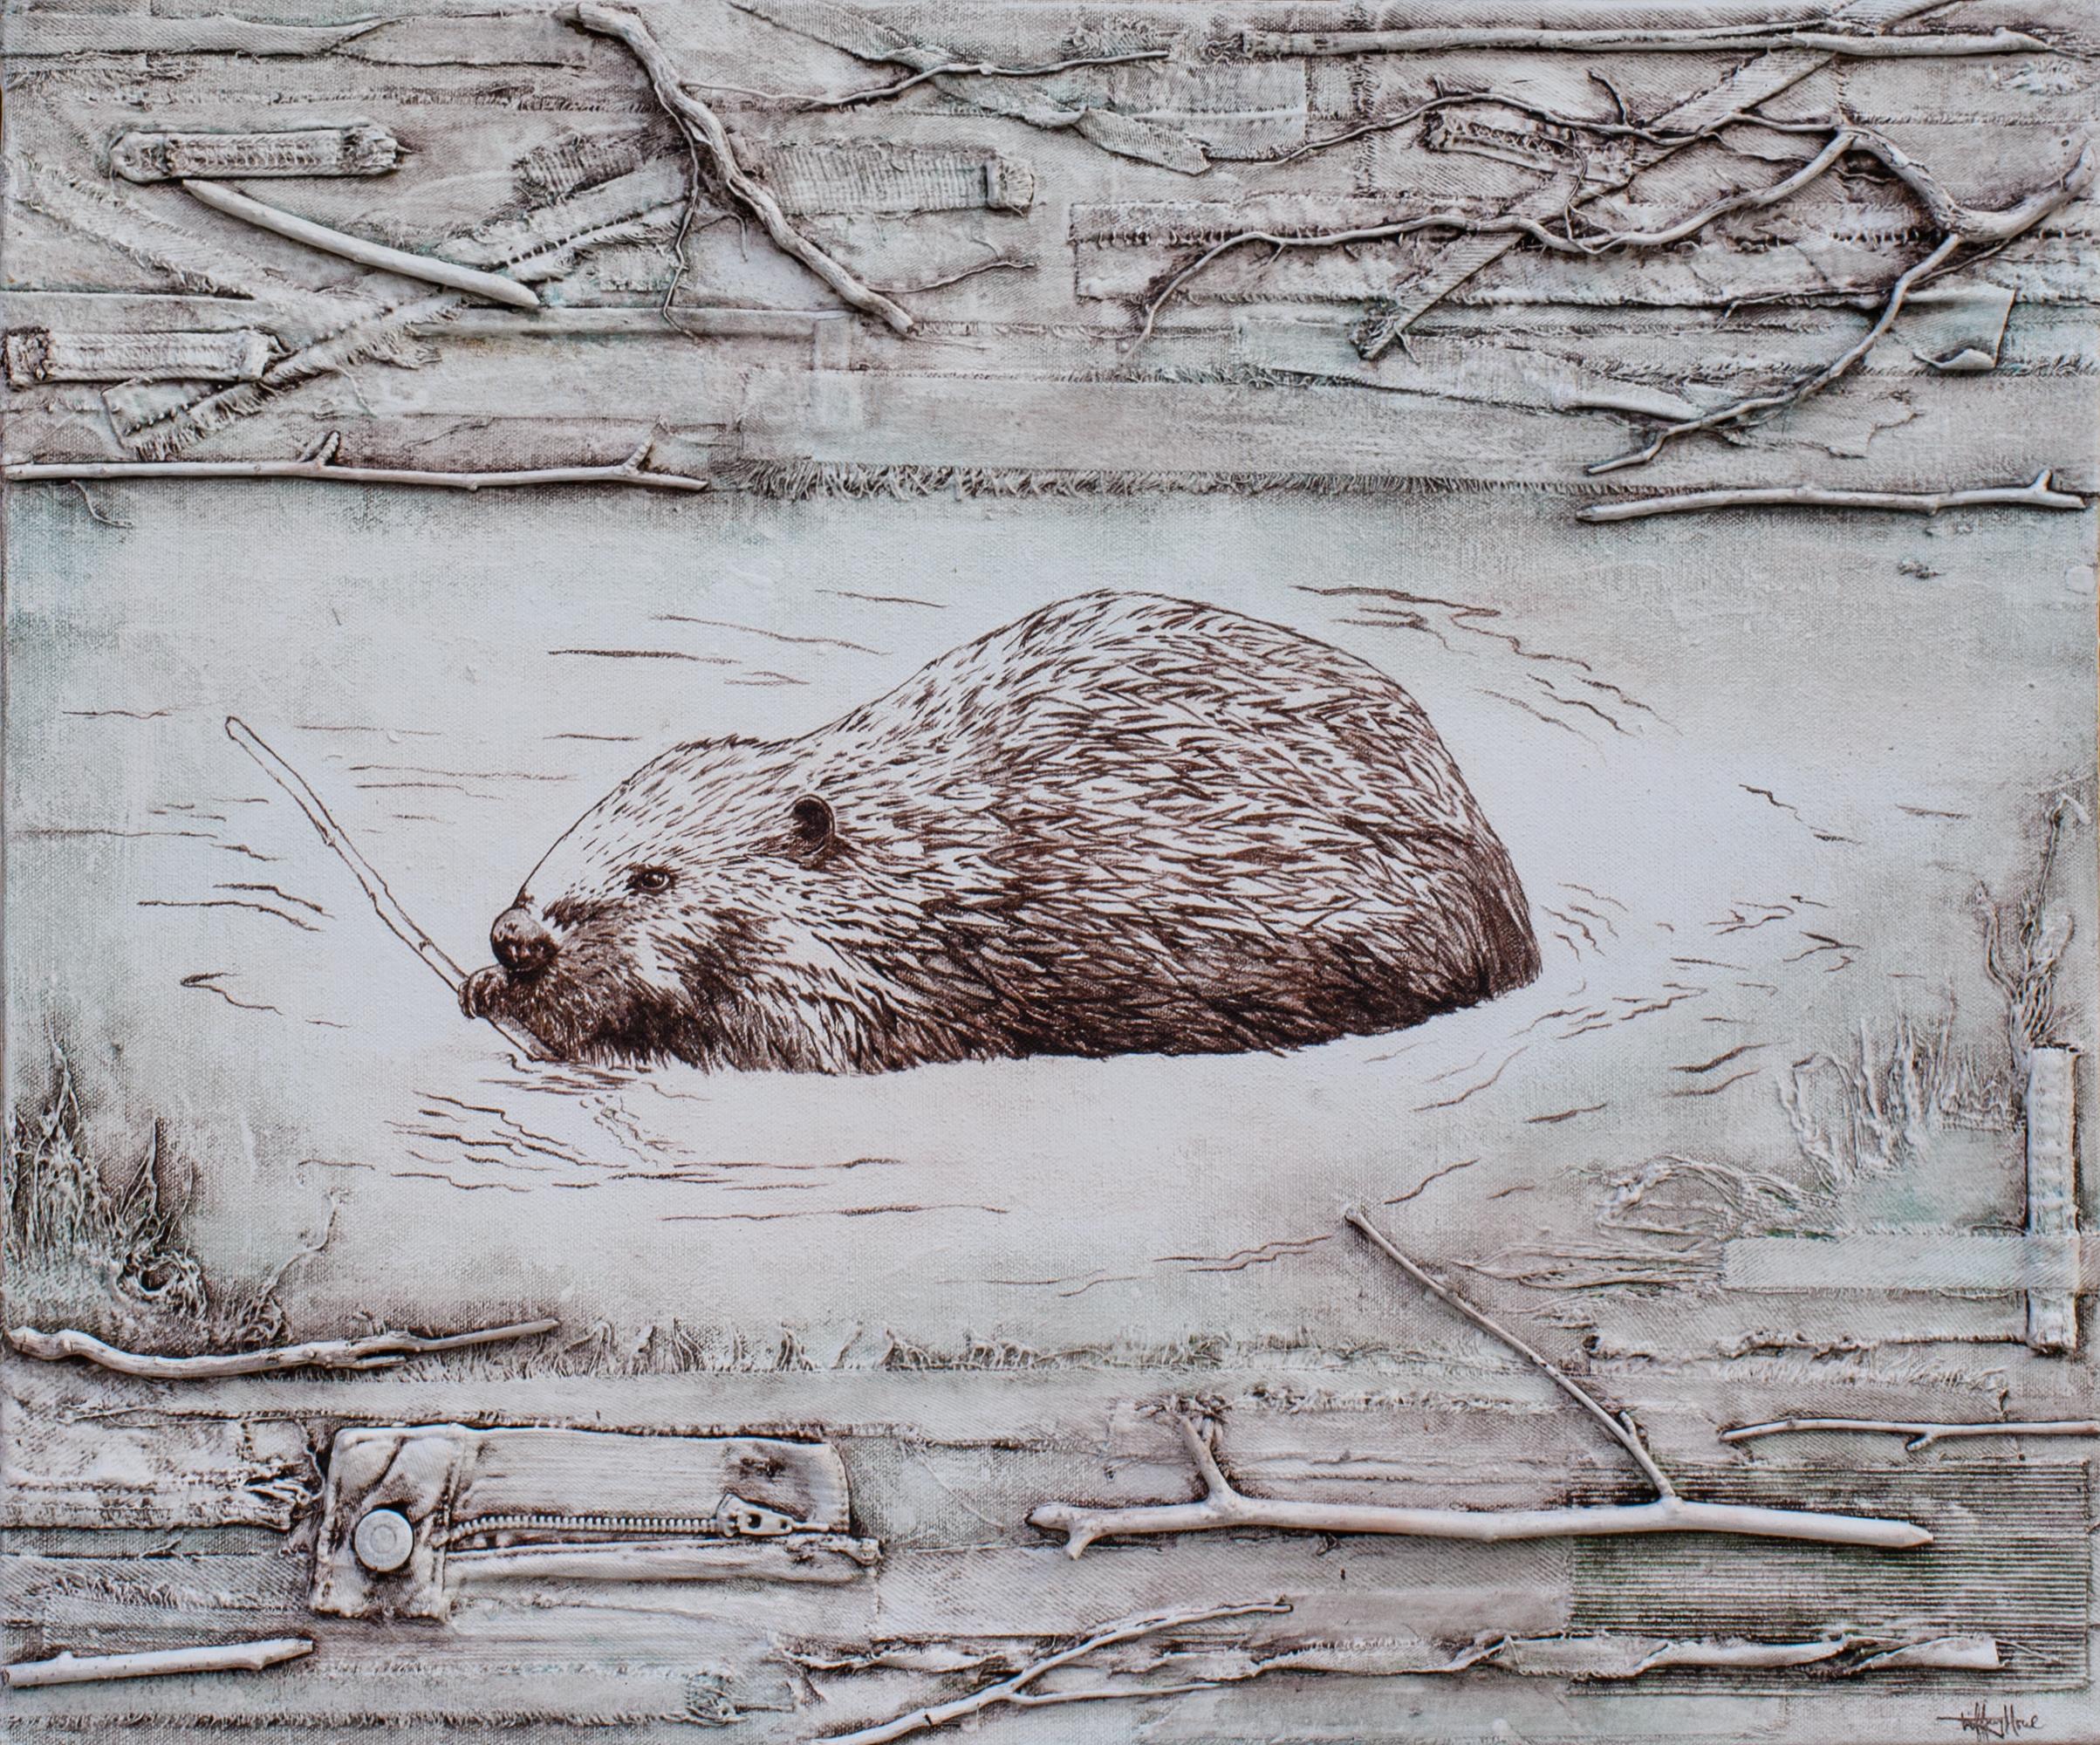 Beaver - Castor canadensis